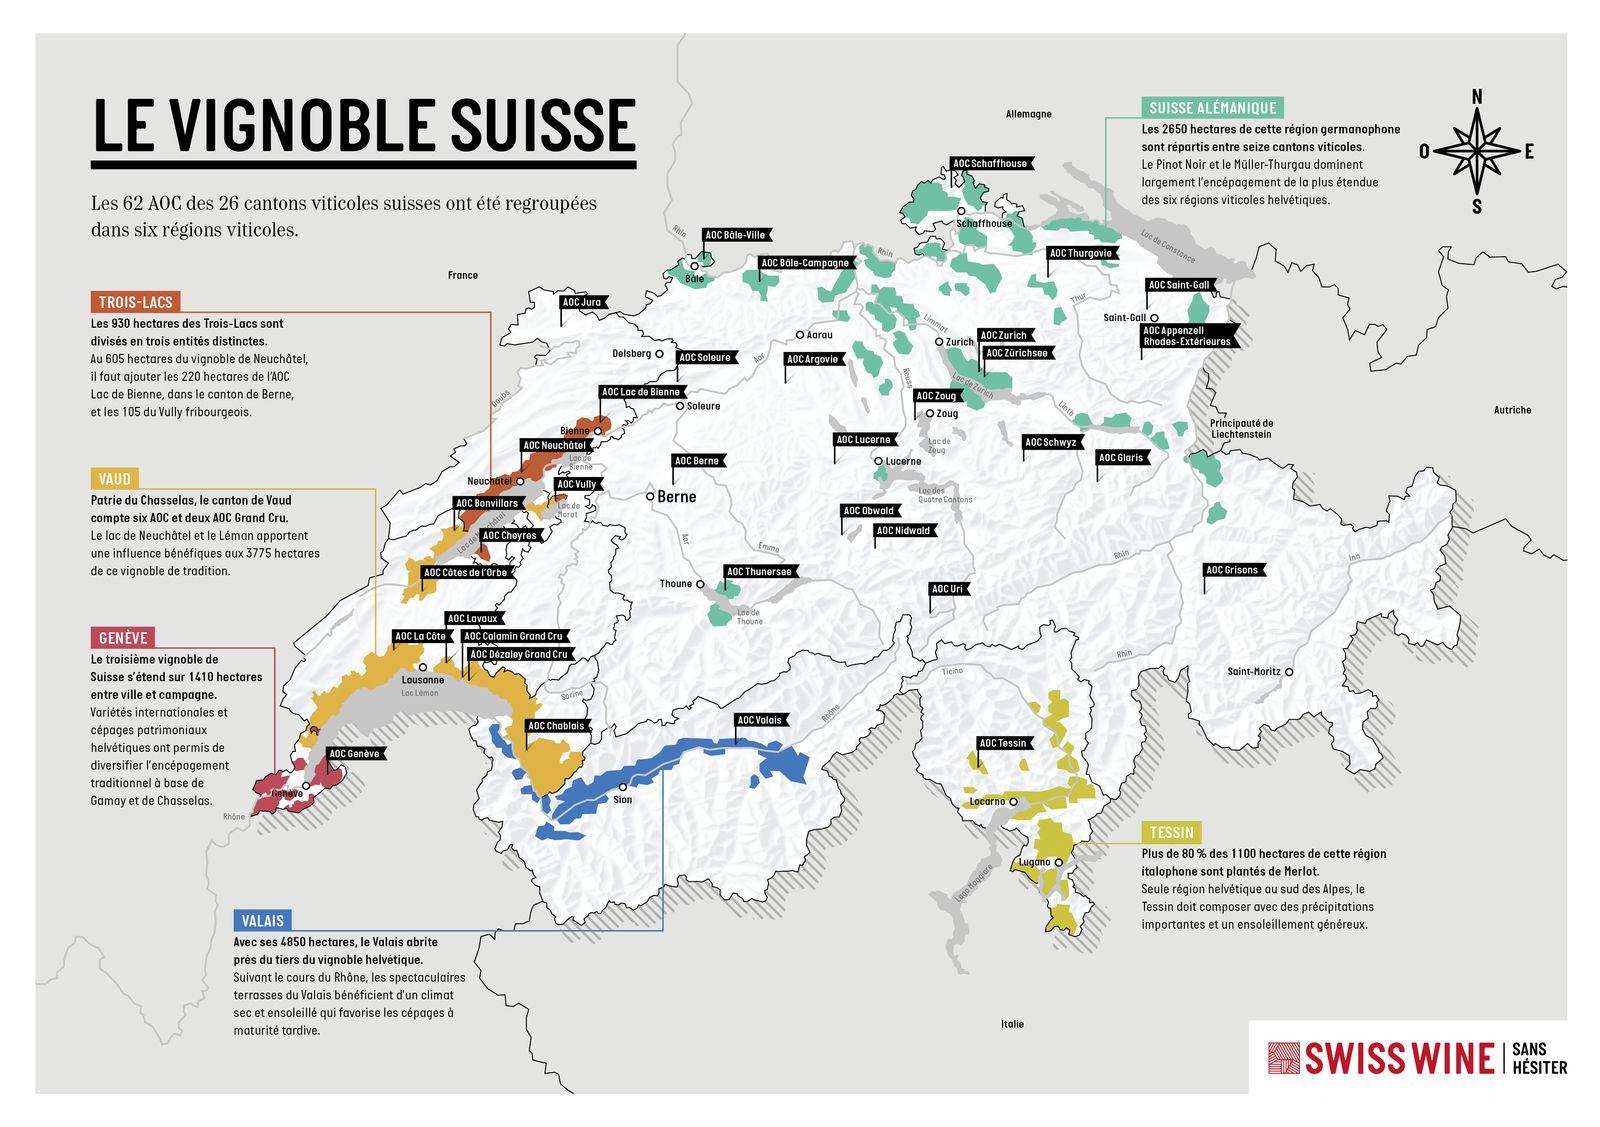 Le Vignoble Suisse : Tour d'horizon d'un pays viticole méconnu